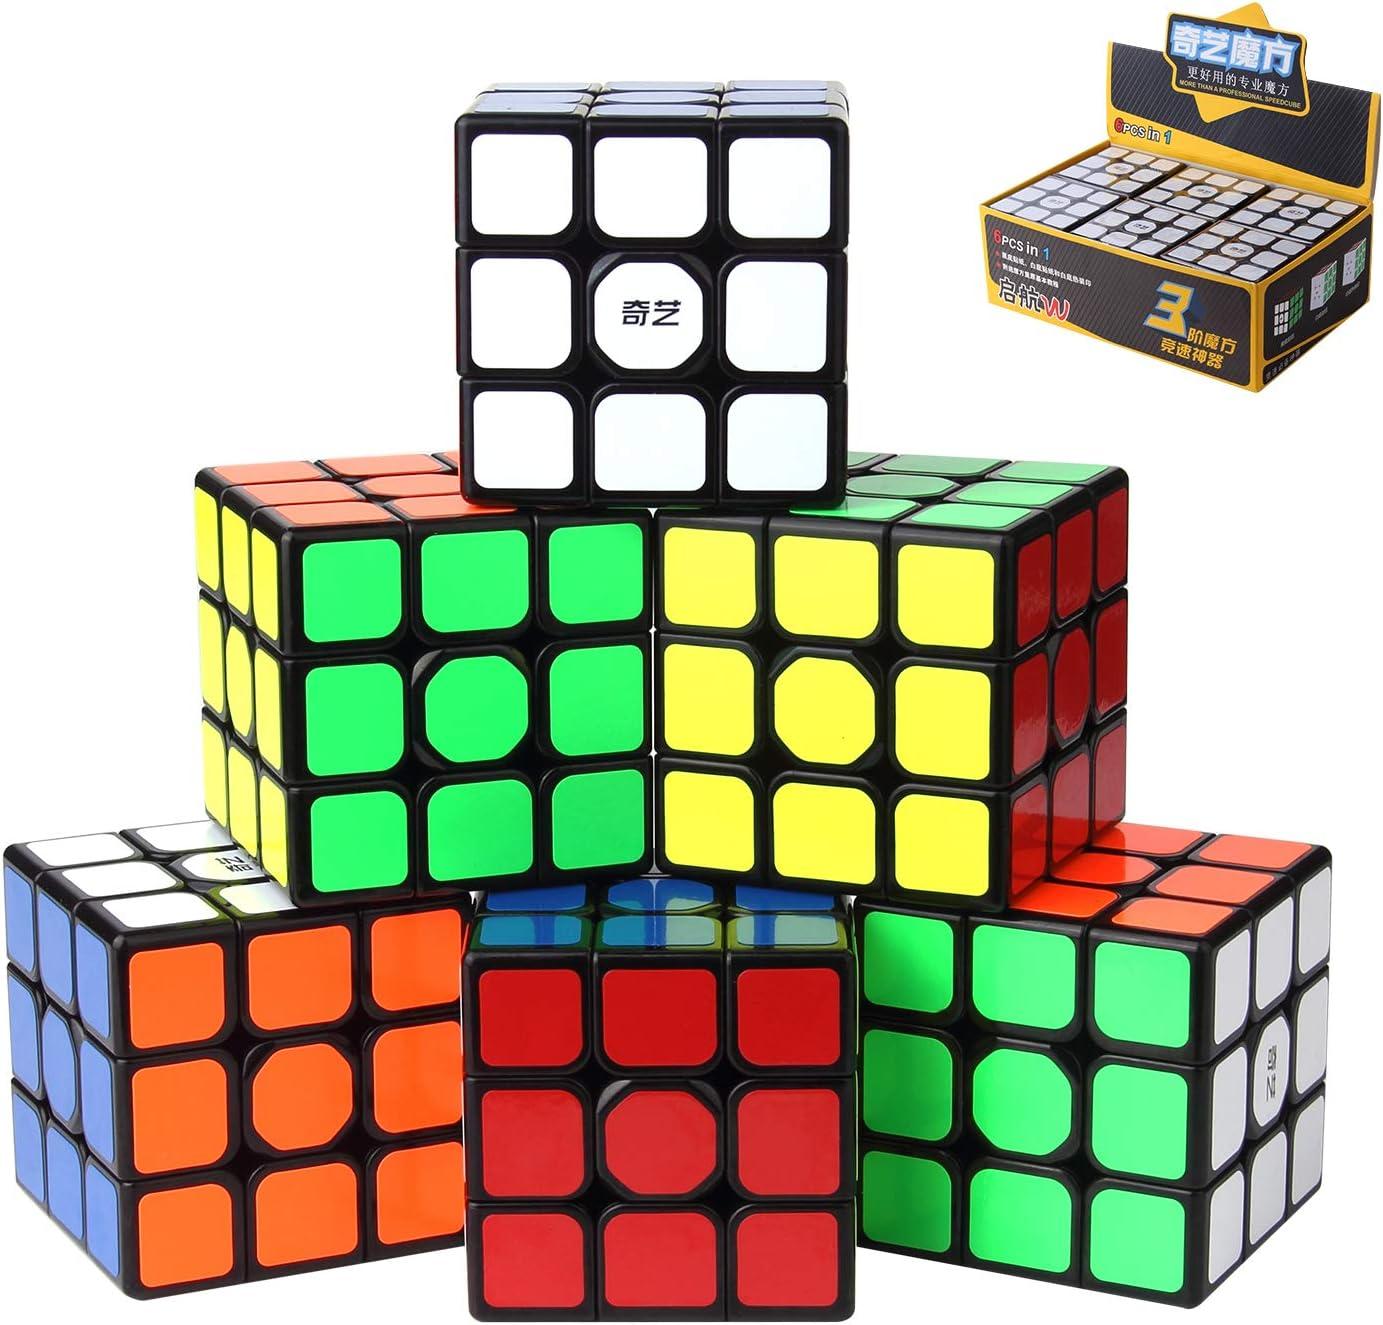 ROXENDA QIYI Qihang W Speed Cube, [Paquete de 6] 3x3x3 Juego de Cubo Mágico de Tamaño Completo de 56 mm, Easy Couring y Smooth Play Speed Cube, Juegos IQ para Niños y Adultos de Todas Las Edades